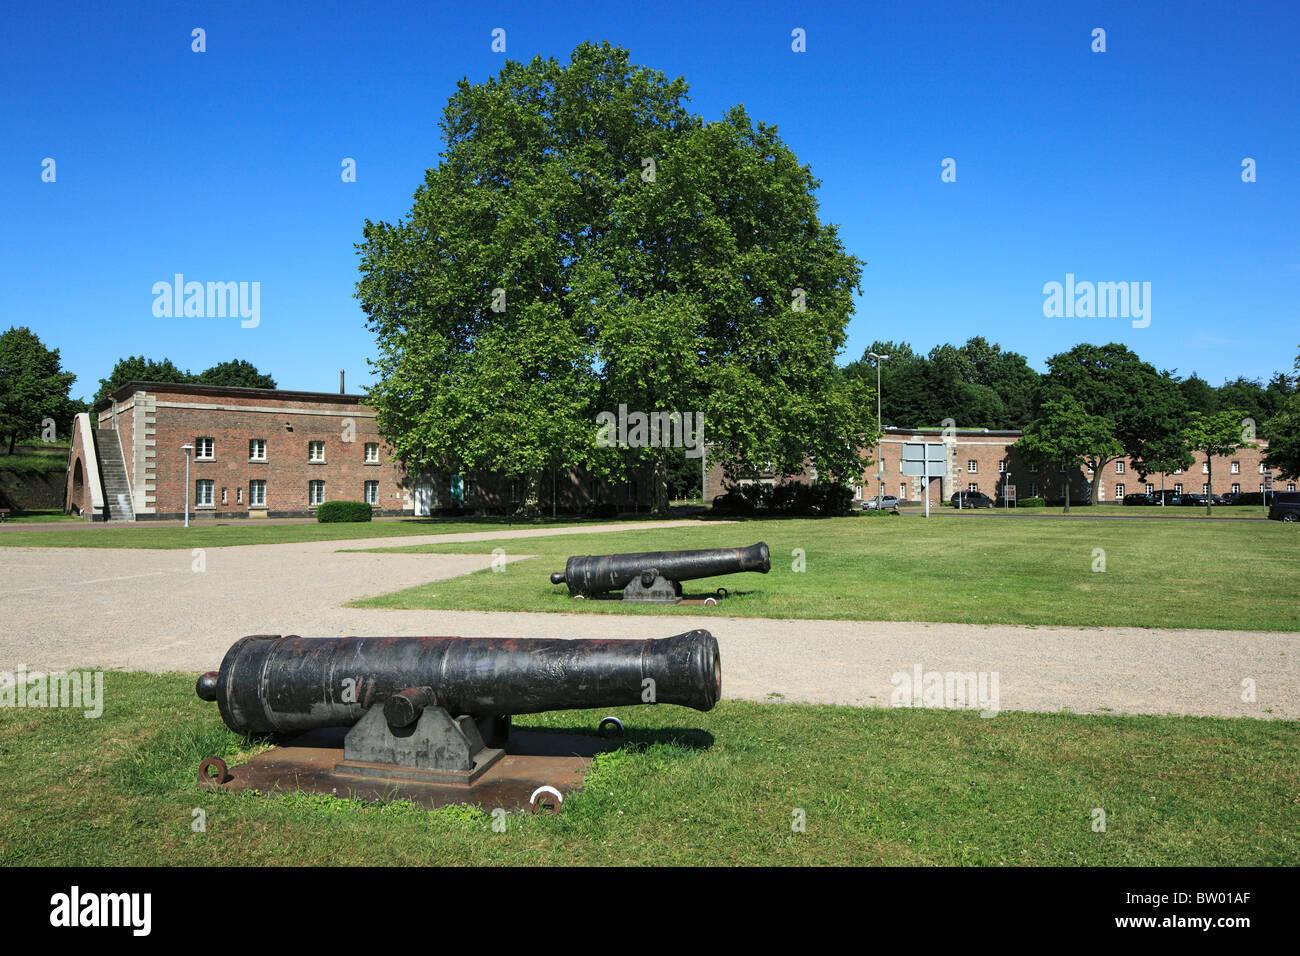 Kanonen vor der Kaserne Nummer VIII der Weseler Zitadelle mit Musikschule und Kunstschule, Wesel, Niederrhein, Nordrhein - Stock Image